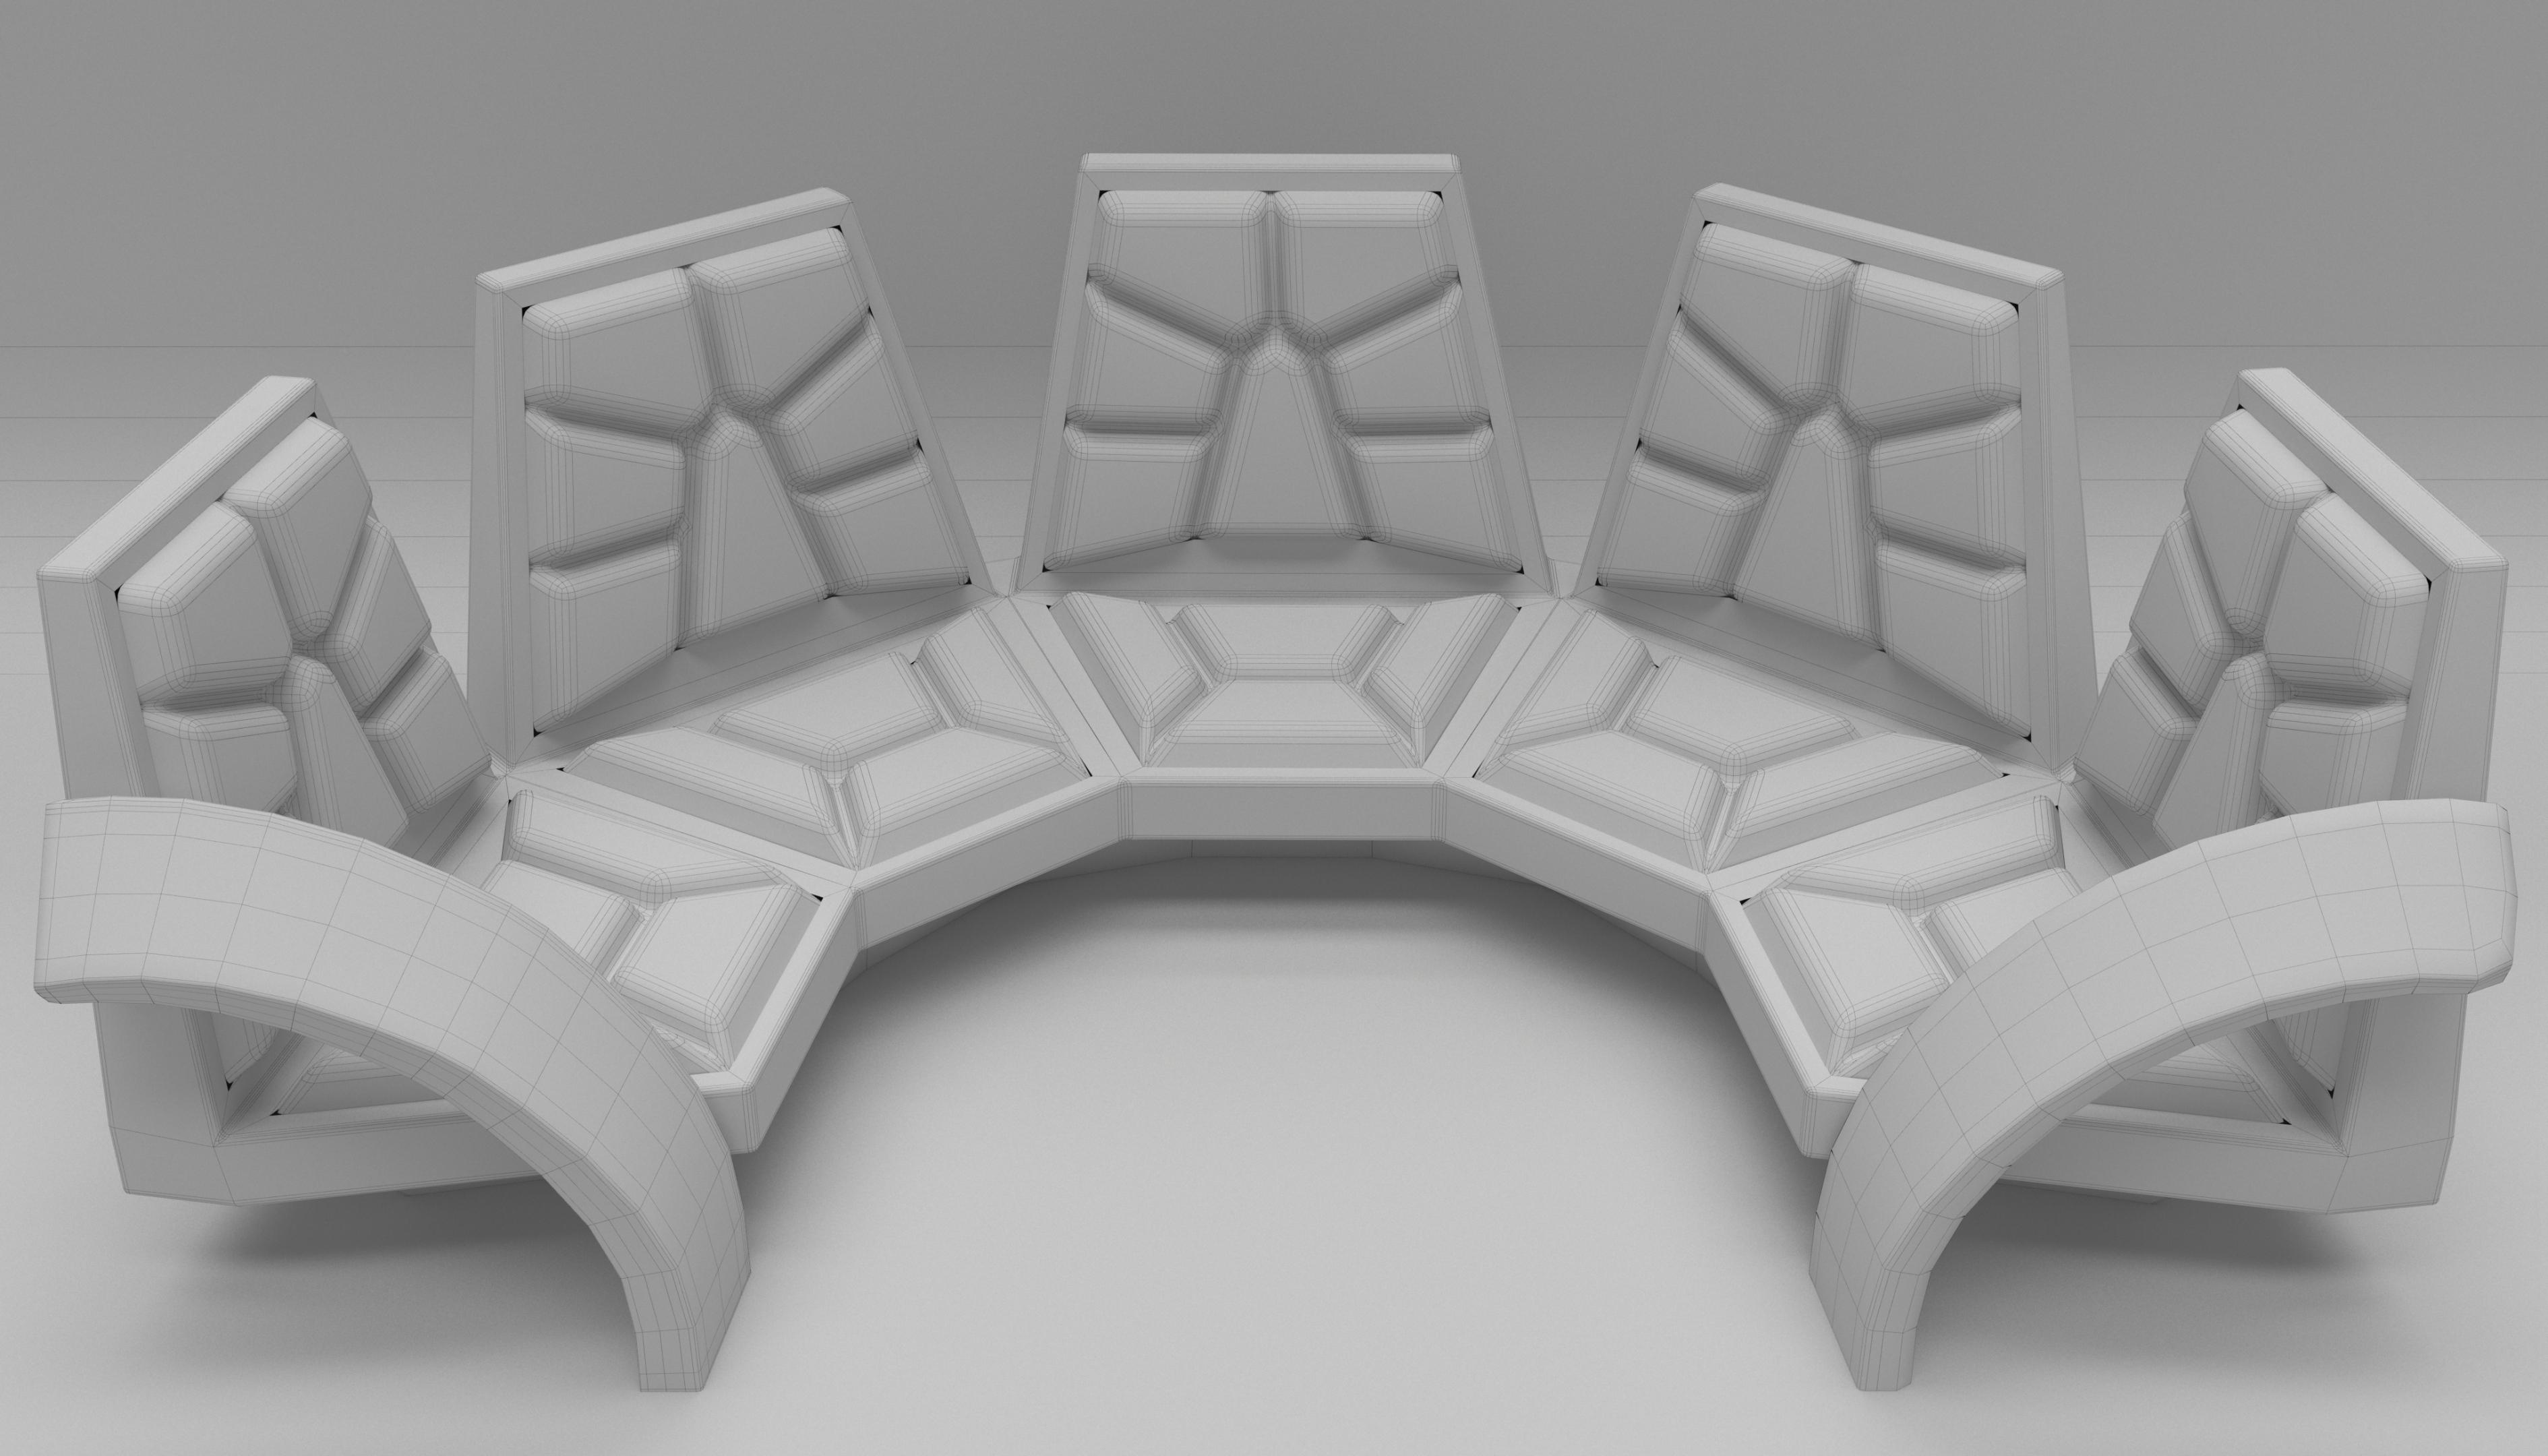 Диван полукруглый в 3d max corona render изображение